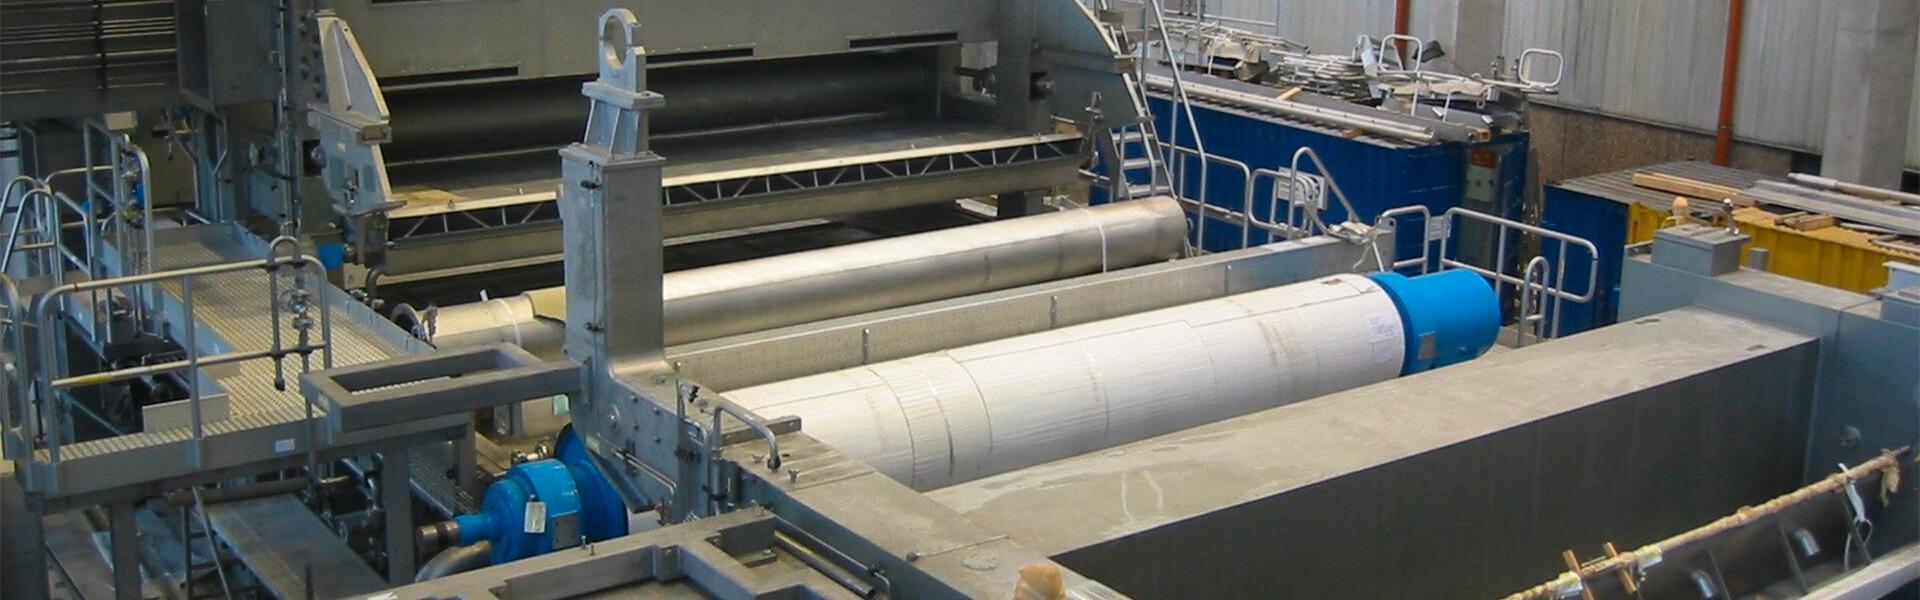 Papierindustrie - Apparate - und Behälterbau Scheffczik